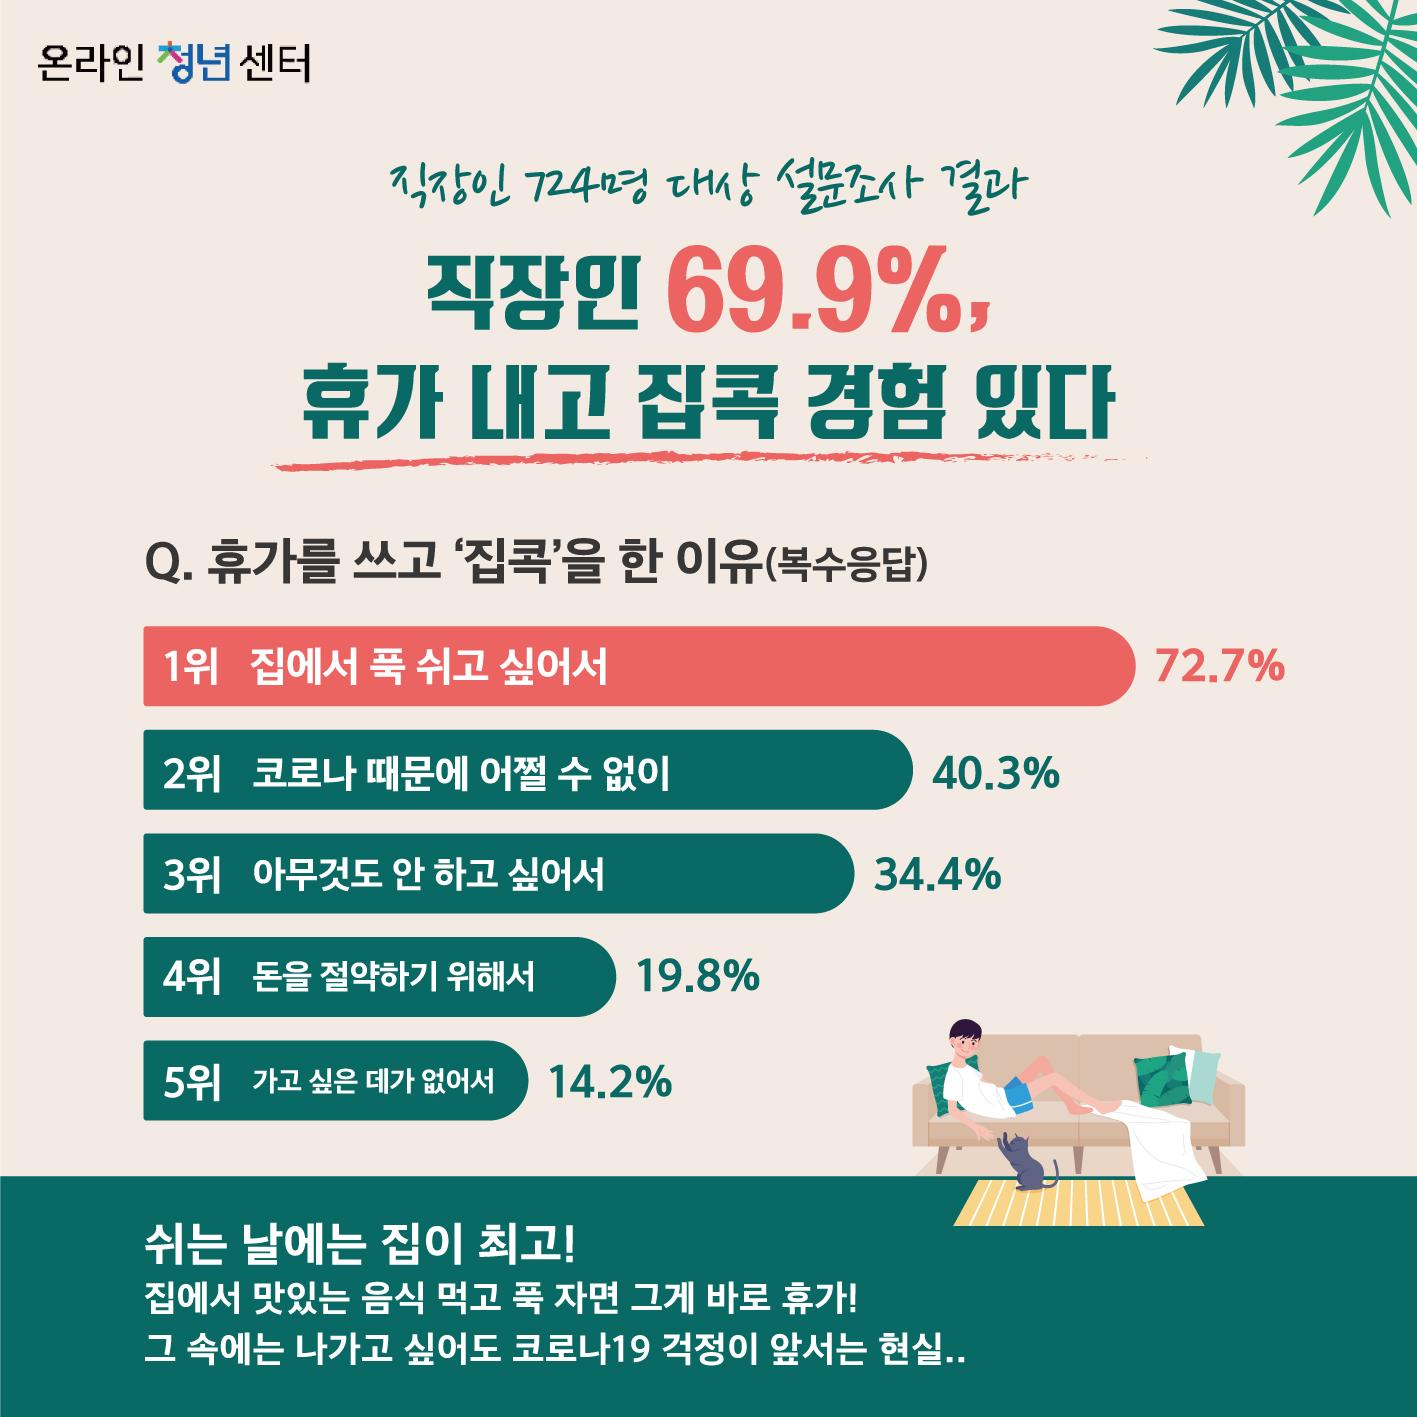 직장인 724명 대상 설문조사 결과, 직장인 69.9%, 휴가 내고 집콕 경험 있다  질문. 휴가를 쓰고 '집콕'을 한 이유(복수응답) 1위 집에서 푹 쉬고 싶어서(72.7%) 2위 코로나 때문에 어쩔 수 없이(40.3%) 3위 아무것도 안 하고 싶어서(34.4%) 4위 돈을 절약하기 위해서(19.8%) 5위 가고 싶은 데가 없어서(14.2%)  쉬는 날에는 집이 최고!  집에서 맛있는 음식 먹고 푹 자면 그게 바로 휴가! 그 속에는 나가고 싶어도 코로나19 걱정이 앞서는 현실..